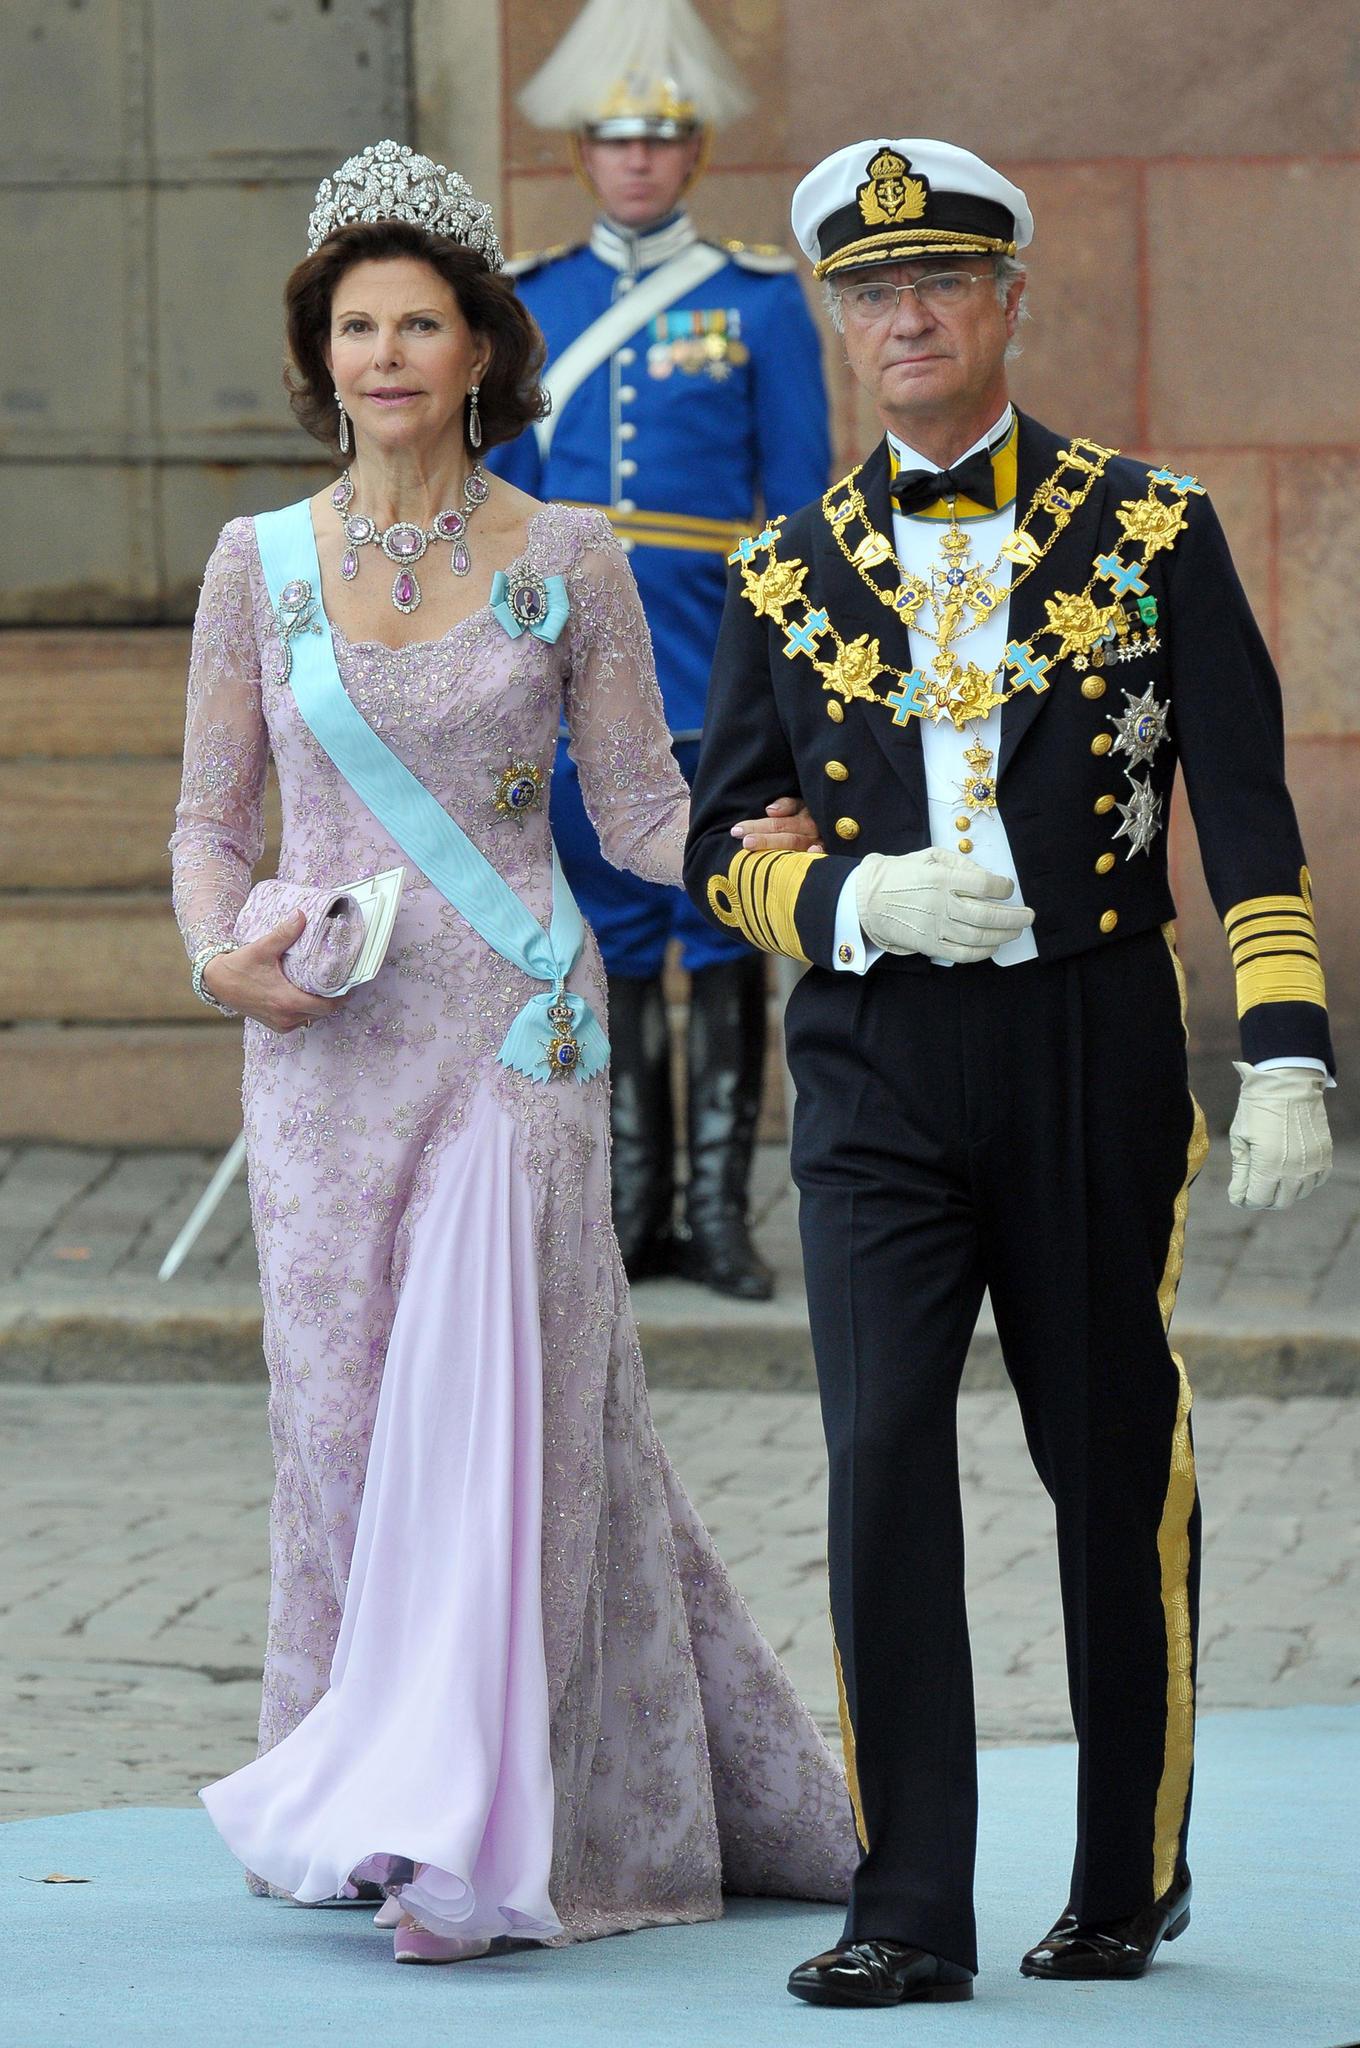 """2010  Königin Silvia bemüht sich Haltung zu bewahren, aber böse Gerüchte versuchen das Königspaar zu entzweien. Zunächst sorgt das umstrittene Skandalbuch """"Der widerwillige Monarch"""" für Aufruhr. Darin ist von wilden Festen in Stripclubs und einer Affäre die Rede, die Carl Gustaf mit der Sängerin der Band """"Army of Love"""" gehabt haben soll. Silvia steht aber hinter ihrem Mann und lächeltdie Gerüchte beiseite."""